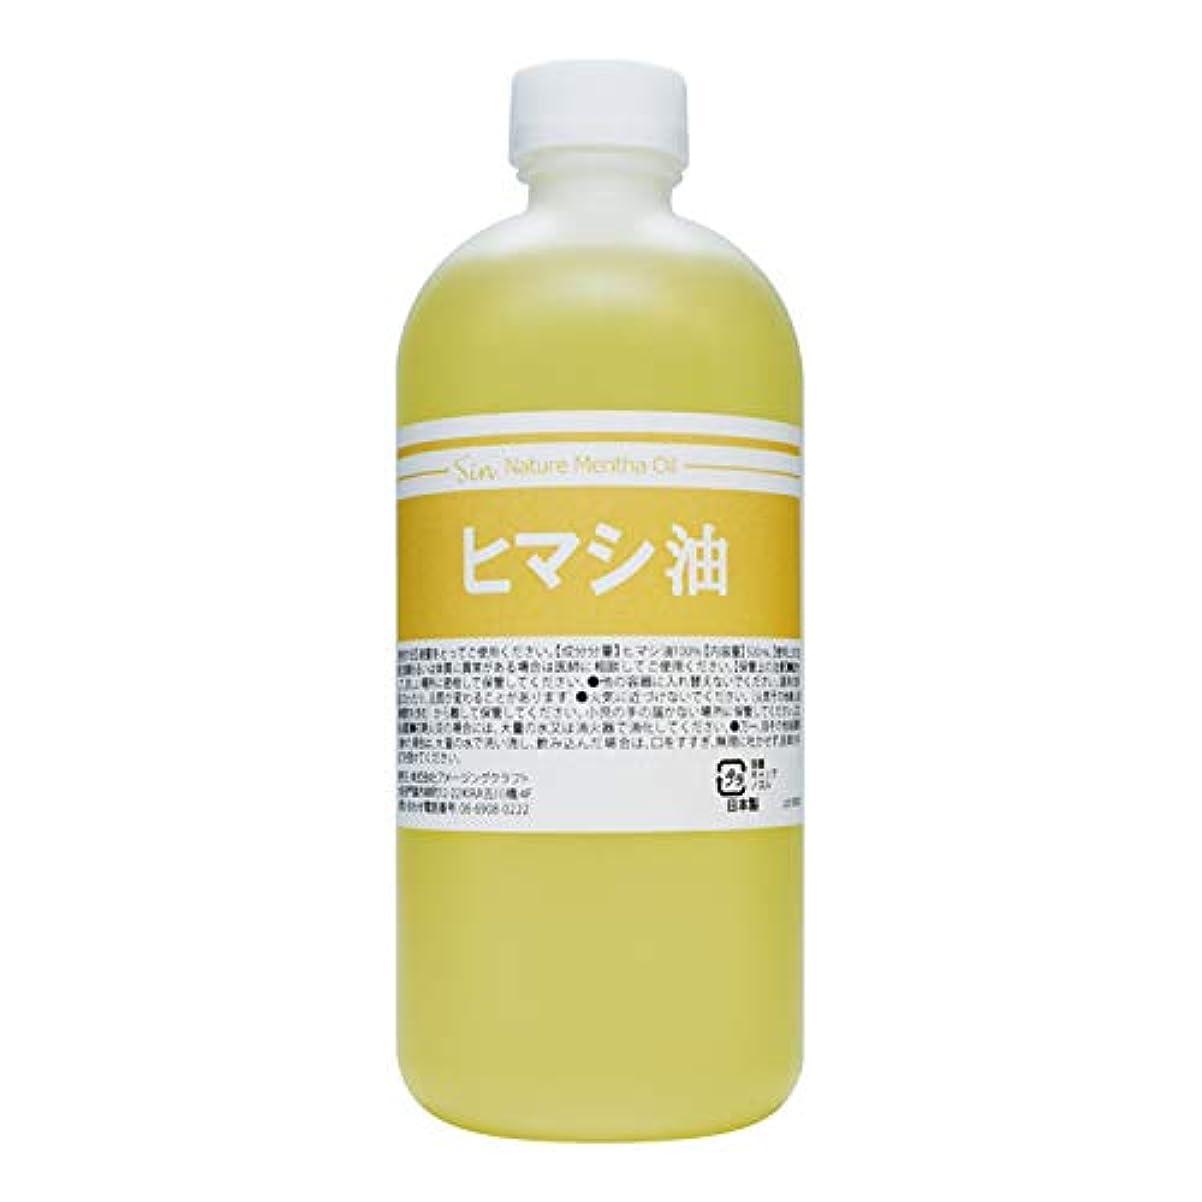 独裁者征服者遠え天然無添加 国内精製 ひまし油 500ml (ヒマシ油 キャスターオイル)